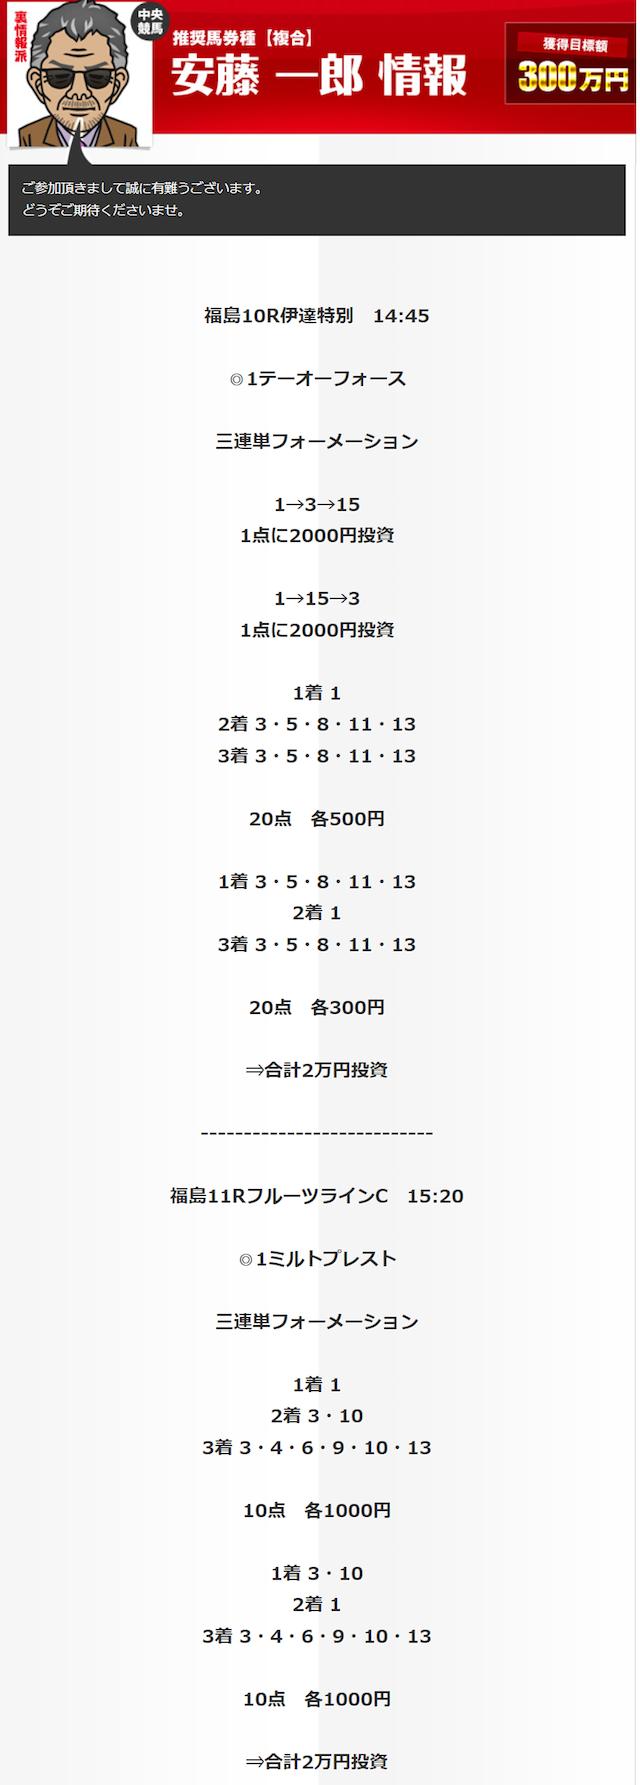 keibaou01117